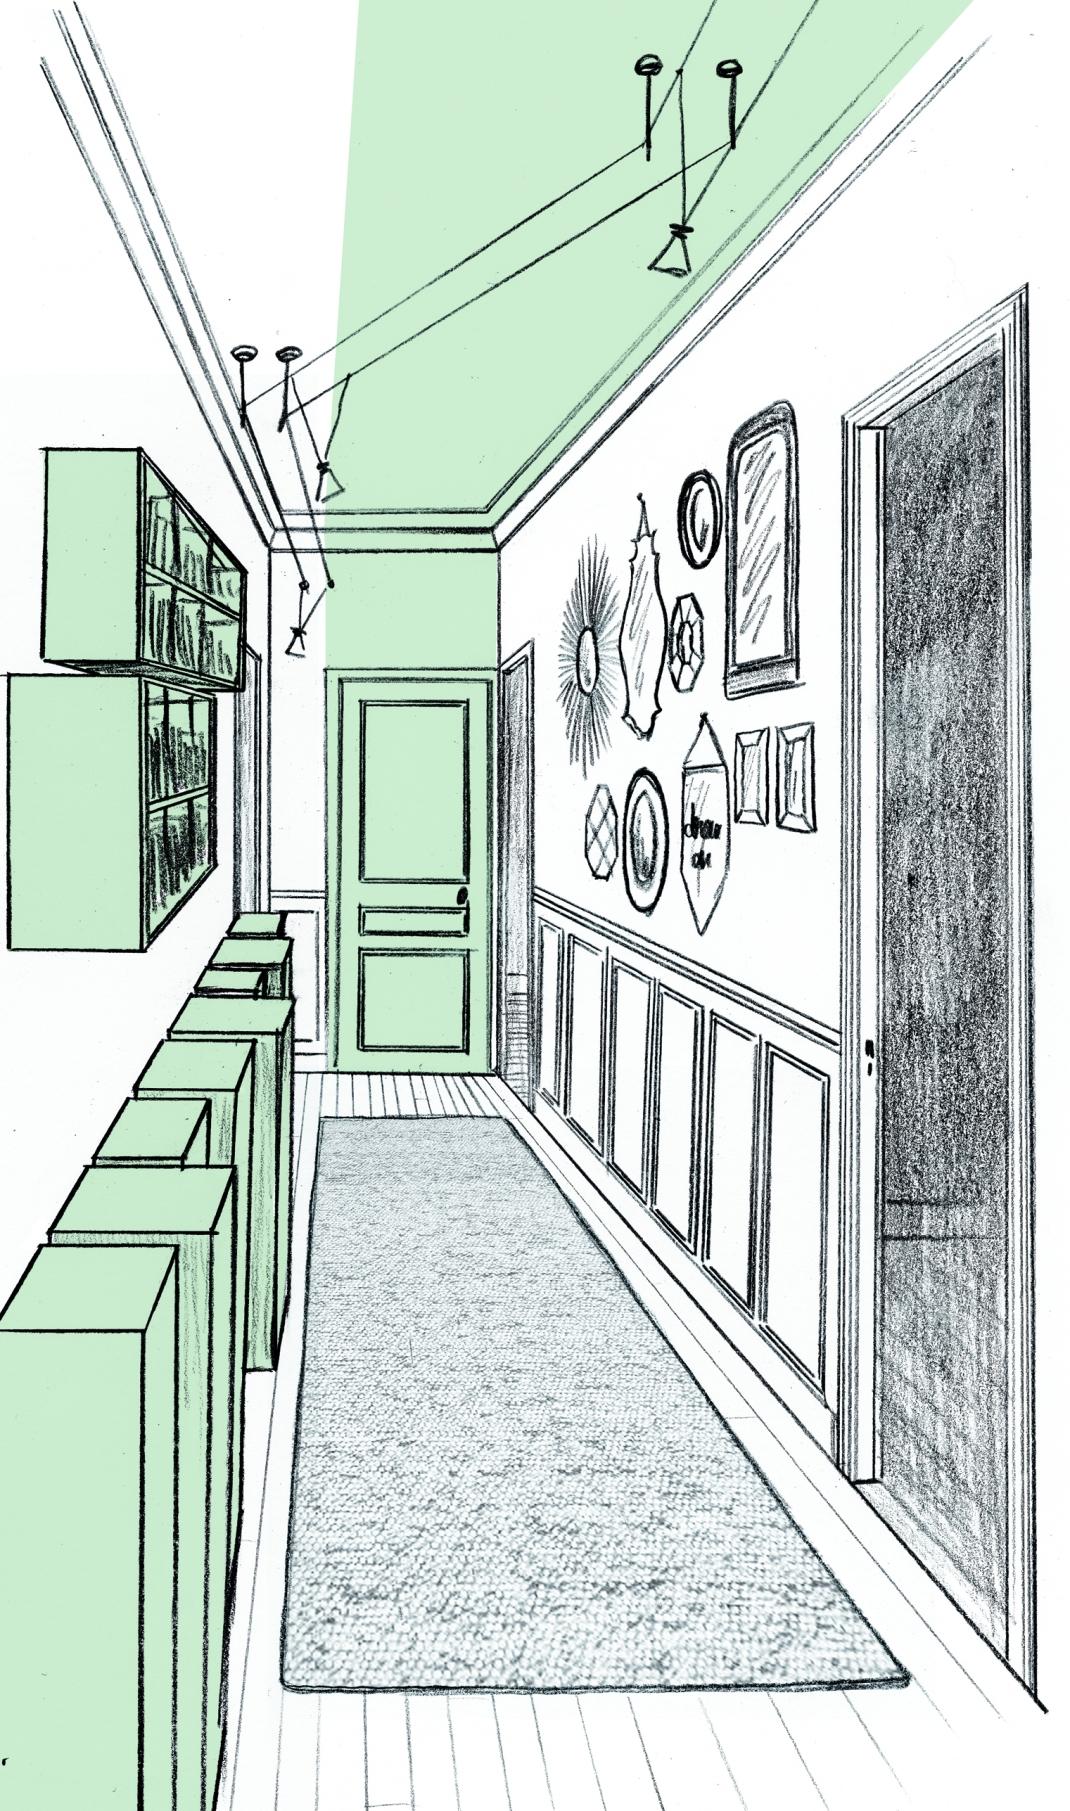 1 appartement st mand laetitia desmond d coratrice d - Dessin sombre ...